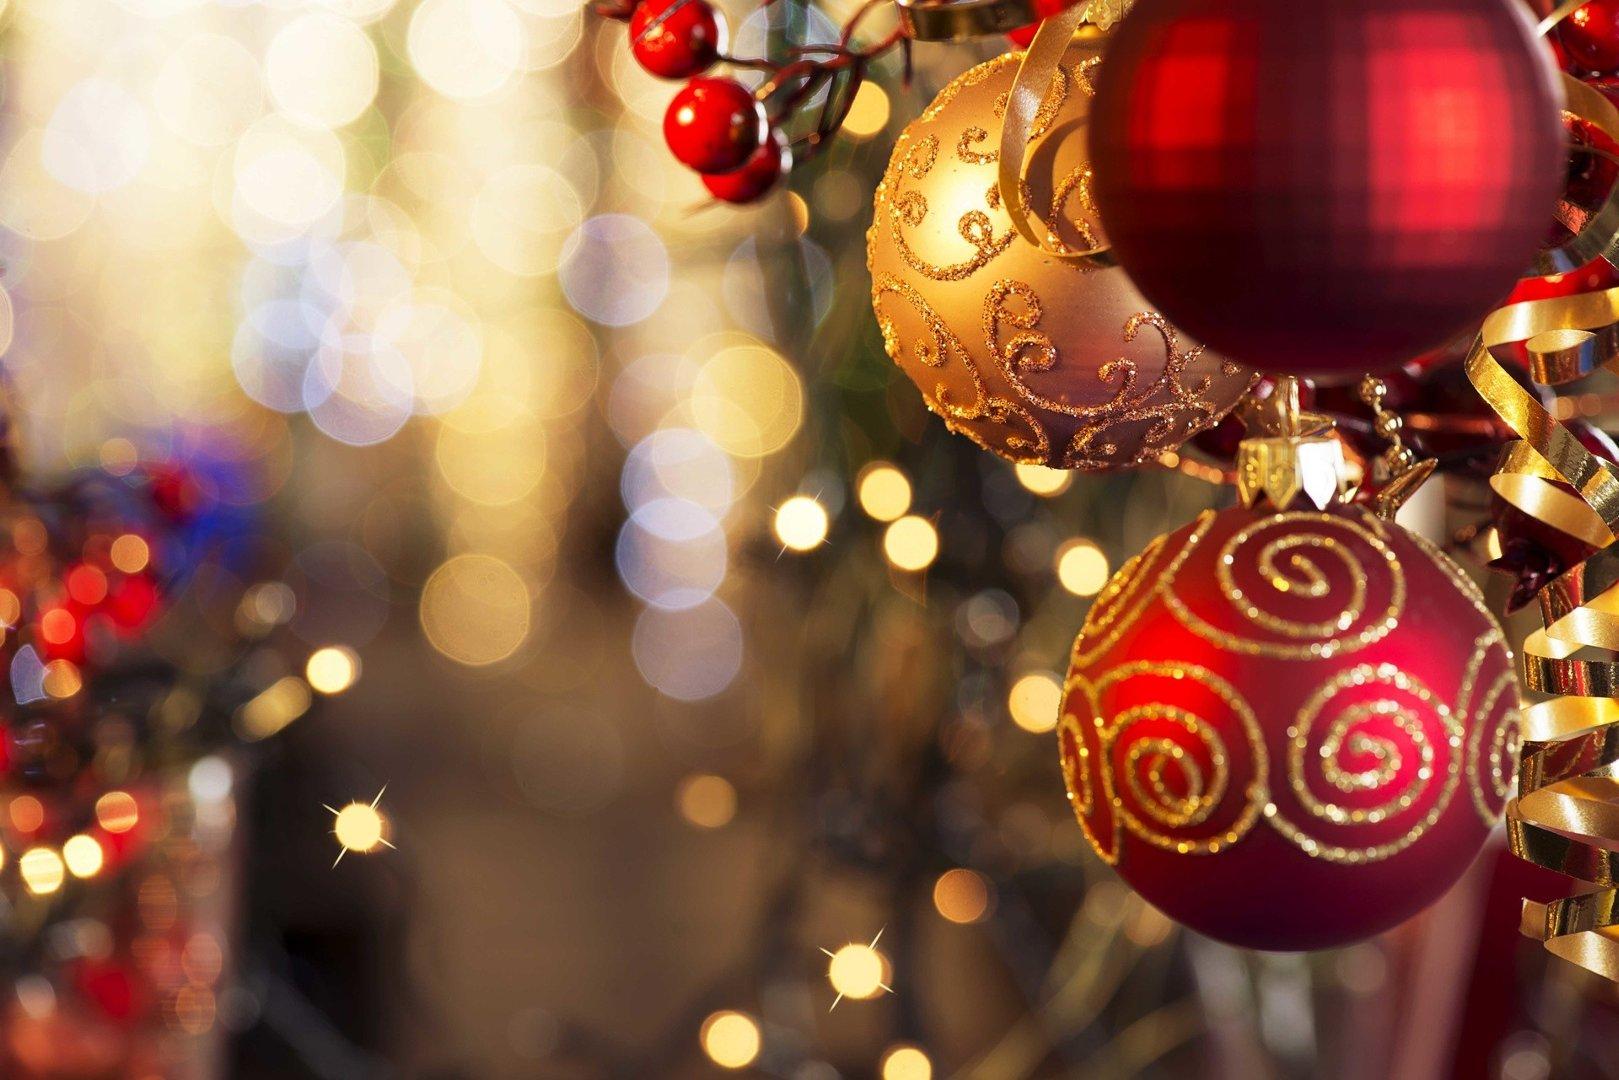 życzenia Bożonarodzeniowe 2019 Na Messengera Krótkie